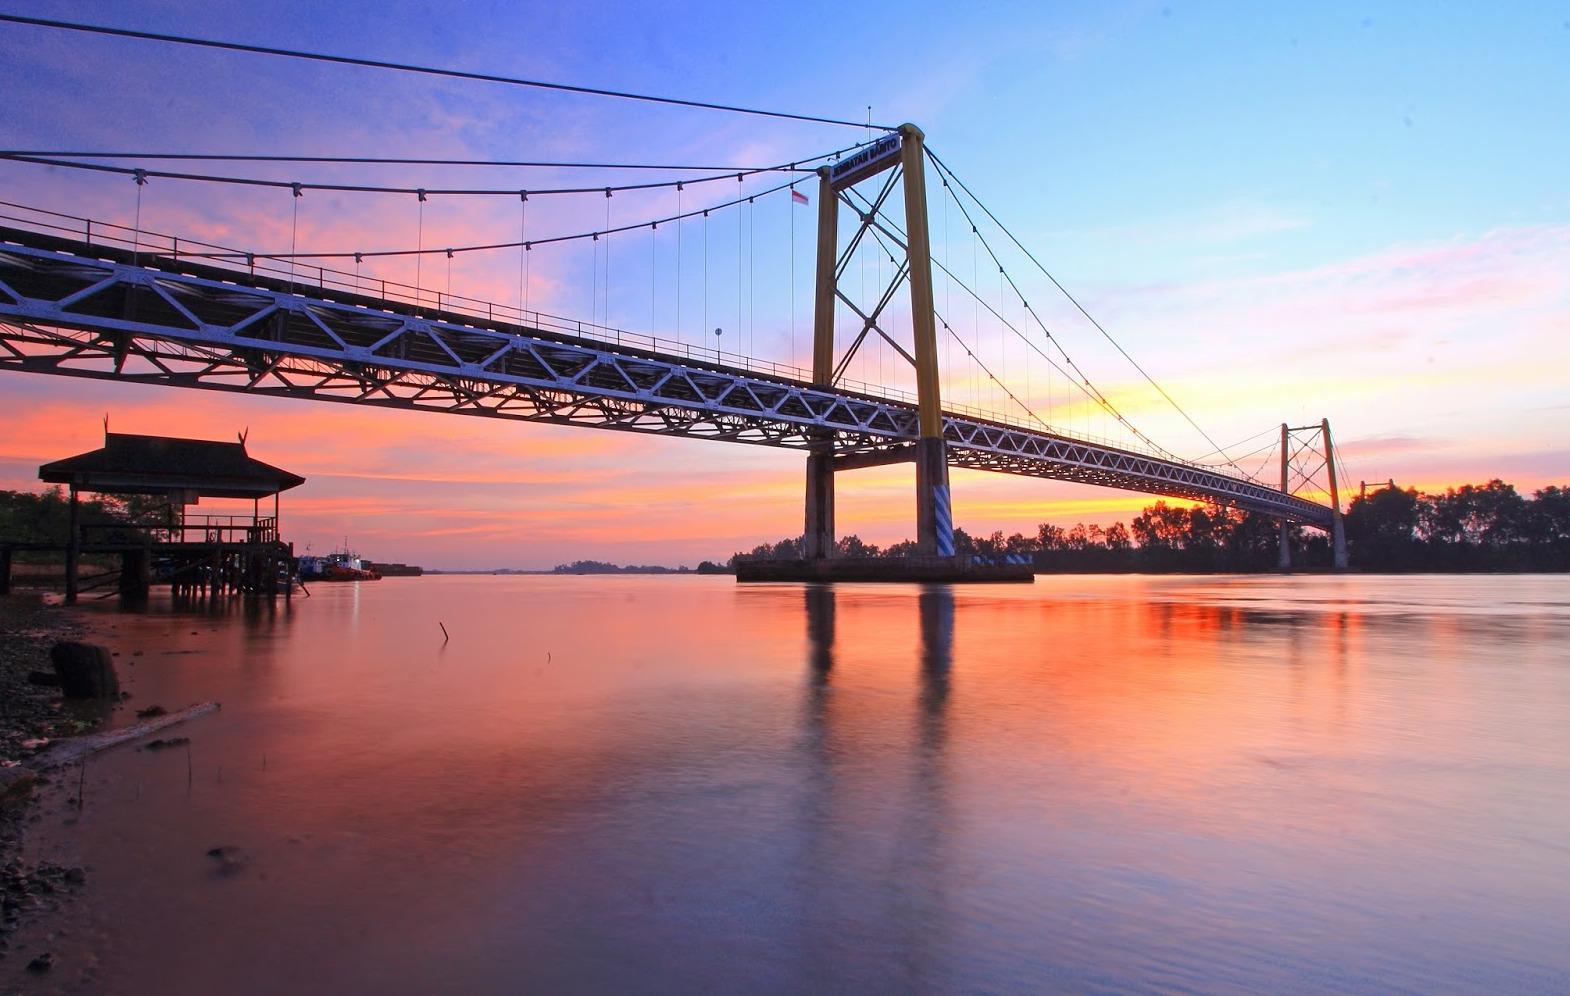 Jembatan ini merupakan akses jalan Trans Kalimantan dari Banjarmasin menuju ke Palangkaraya dan sebaliknya.